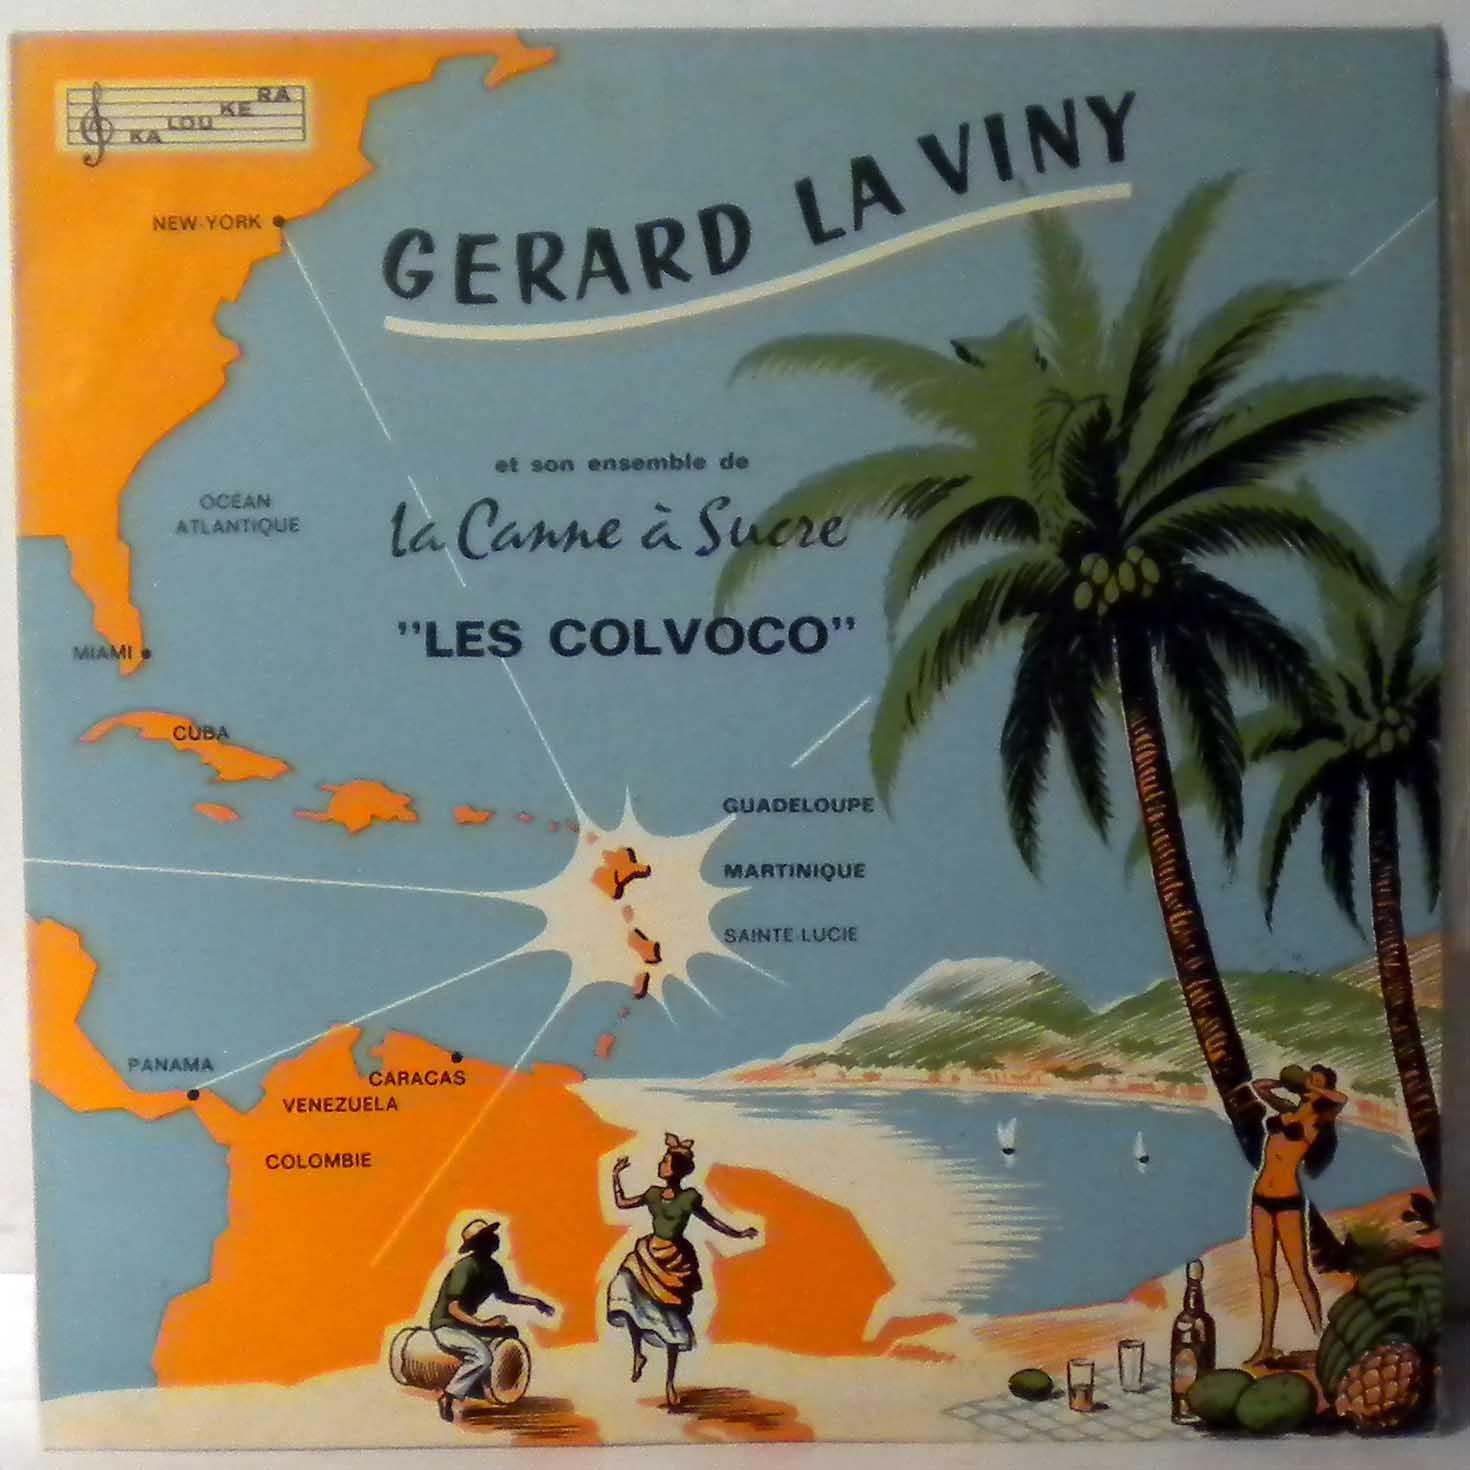 GERARD LA VINY - Et Son Ensemble De La Canne A Sucre Les Colvoco - 10 inch